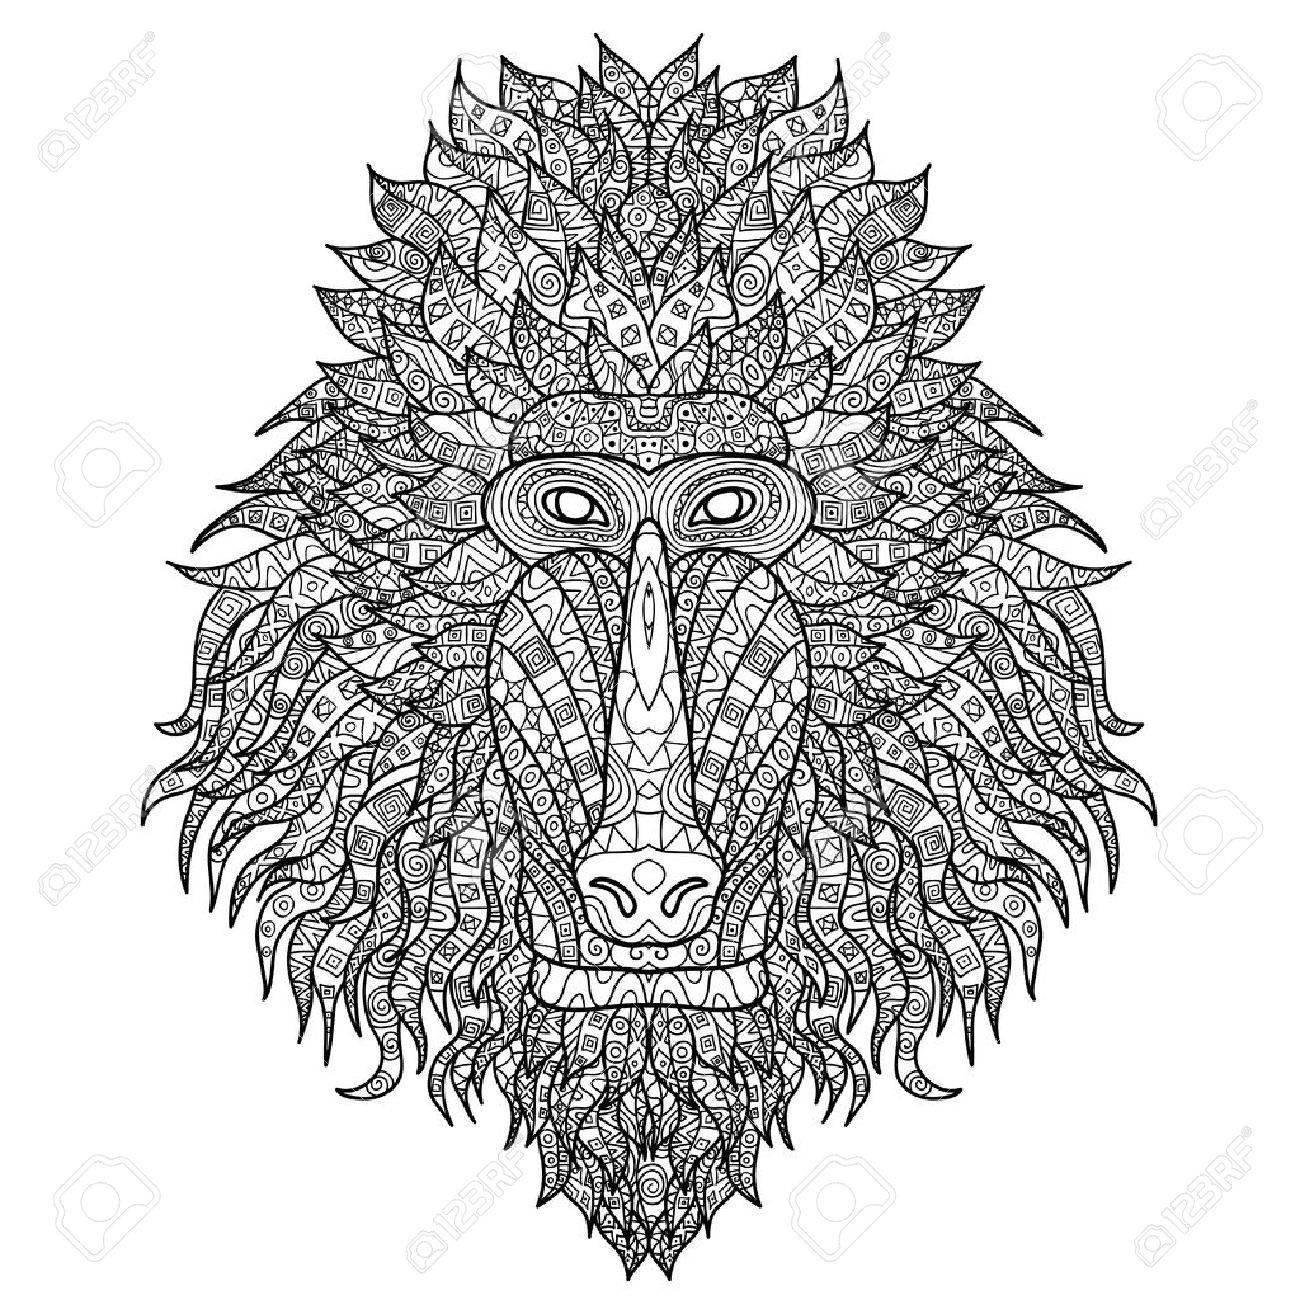 Babuino Cabeza Estilizada En Estilo. Mono Africano Con El Ornamento ...